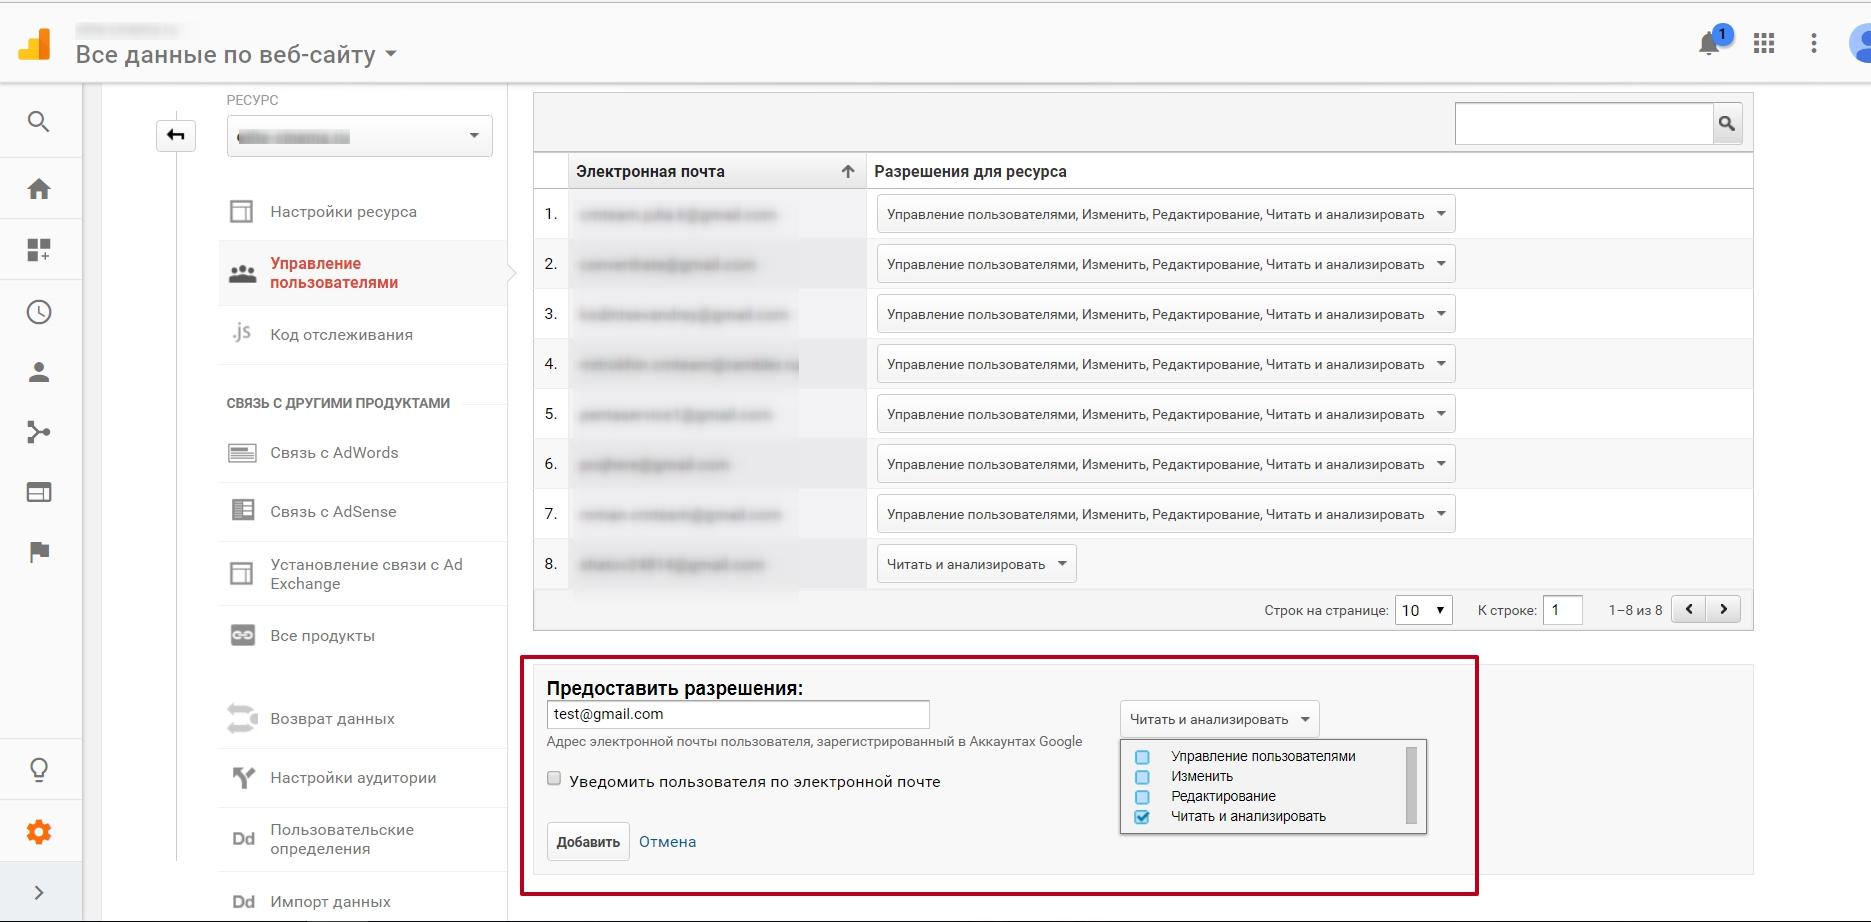 Как предоставить доступы к рекламным аккаунтам и счетчикам аналитики